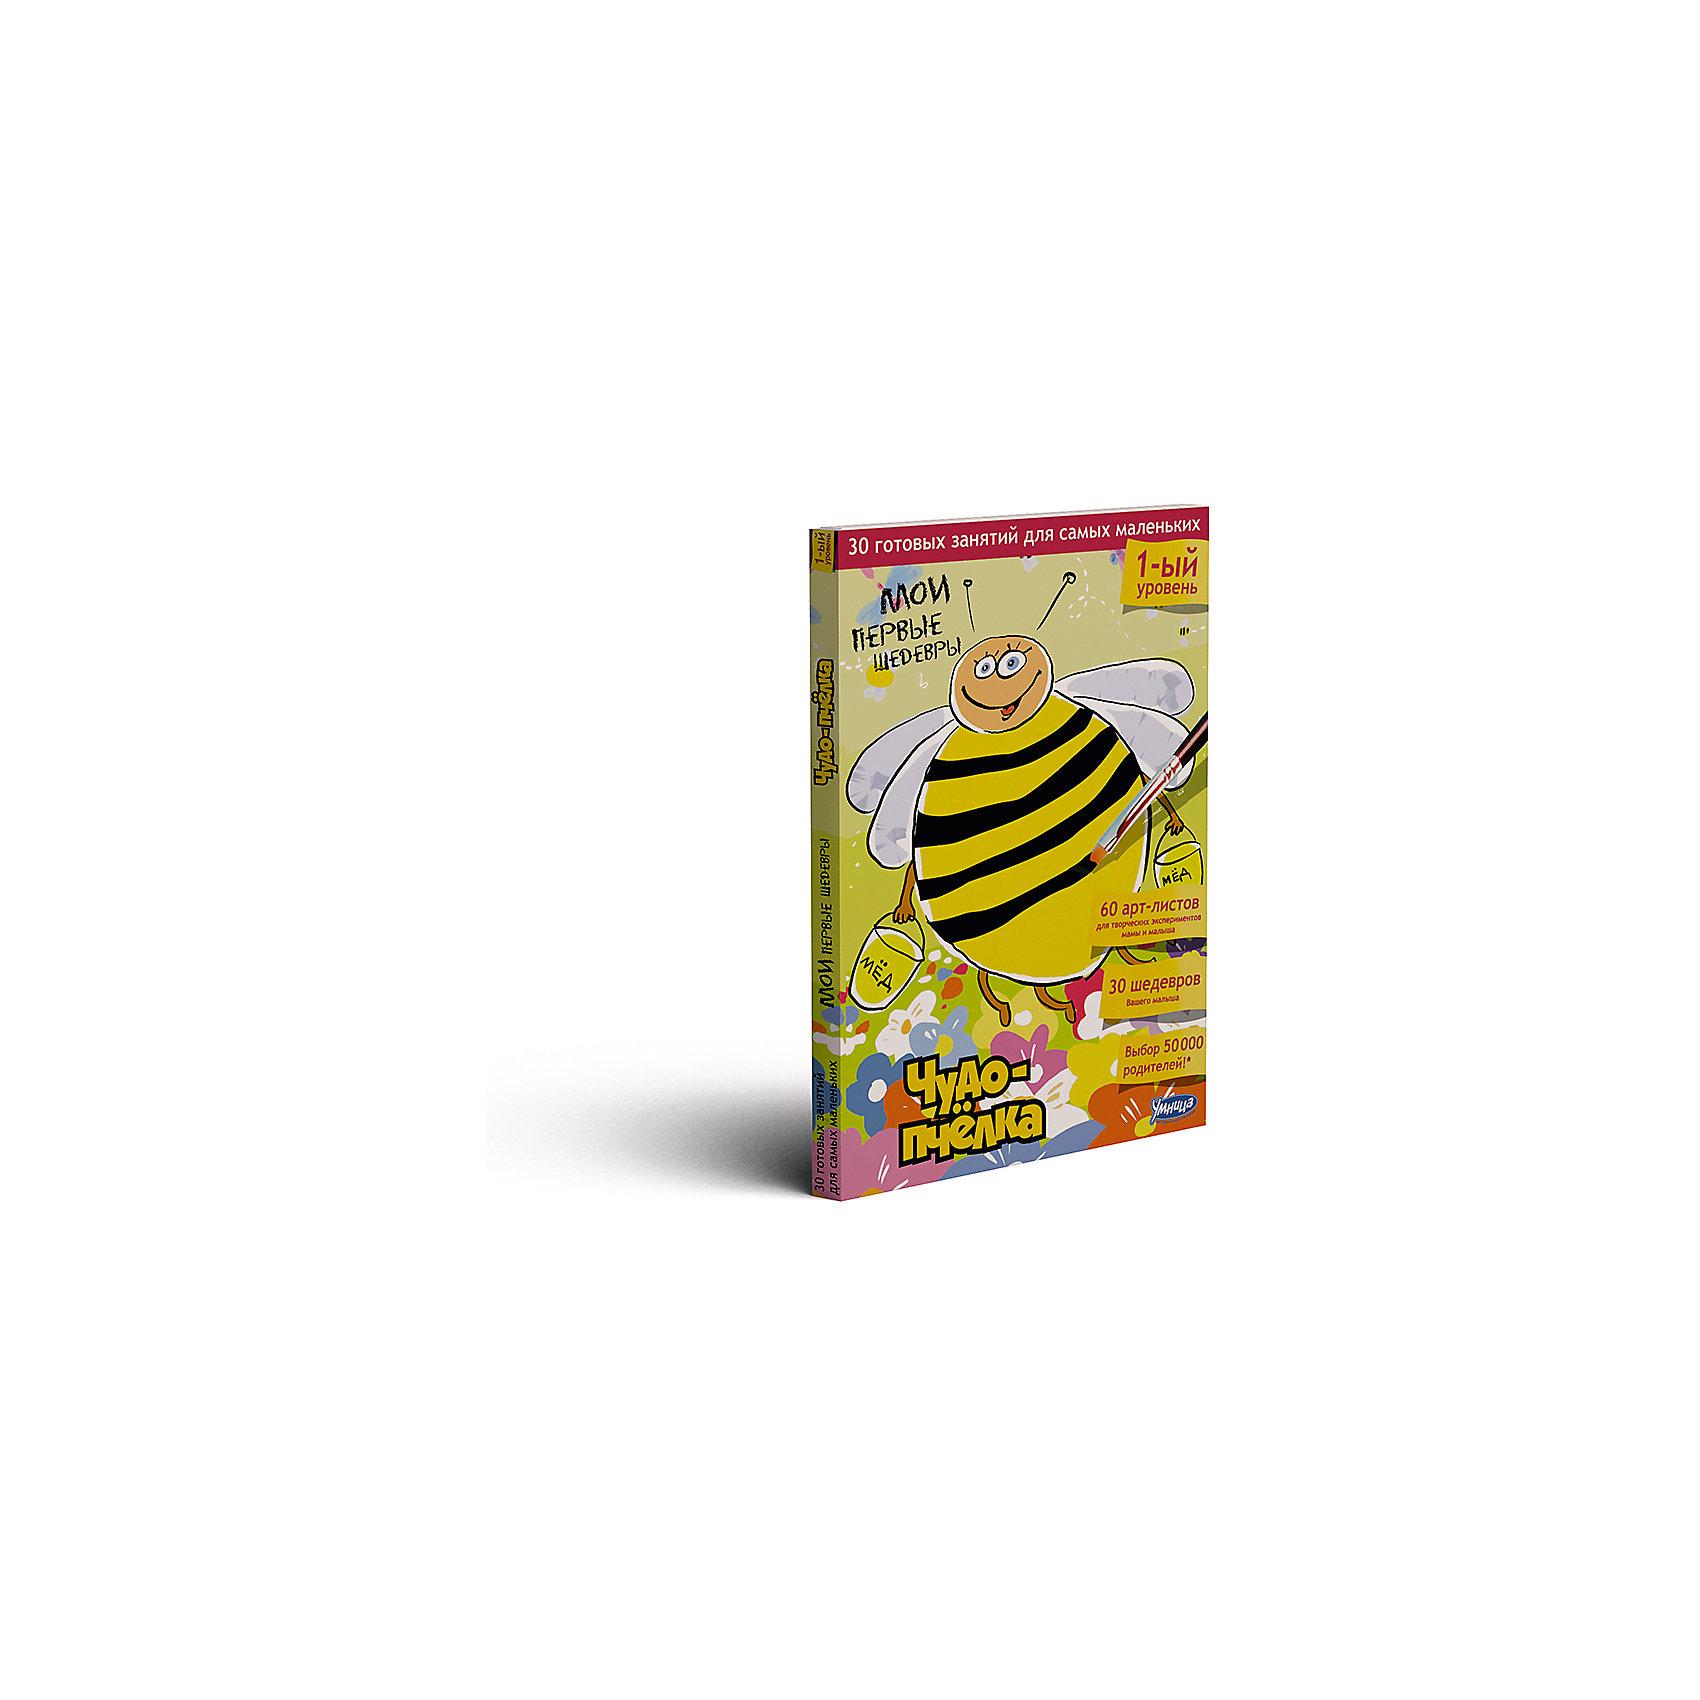 Комплект Мои первые шедевры. Чудо-пчелкаМетодики раннего развития<br>Комплект Мои первые шедевры. Чудо-пчелка - это проверенная методика творческого развития для Вашего малыша.<br>Комплект «Мои первые шедевры. Чудо-пчёлка» – это 30 готовых уроков для творческих занятий с ребёнком. Всё готово к творчеству – все «заготовки» и рекомендации, пошаговые инструкции внутри комплекта. Первый уровень сложности. Каждое занятие посвящено отработке различных техник рисования, аппликации и лепки. Малыш научится правильно держать кисточку, рисовать карандашом, работать с бумагой и пластилином, различать цвета и оттенки и создавать свои первые художественные шедевры. Особенность занятий по комплекту – это самостоятельность малыша. Каждое мини-занятие существует в двух экземплярах: арт-лист для мамы и арт-лист для ребёнка. Арт-лист для мамы содержит подробное задание, прочитав которое, Вы поймёте, что нужно сделать и сможете показать пример ребёнку. Кроха также может попрактиковаться на Вашем арт-листе, чтобы уверенно начать работать на своём. Арт-лист ребёнка не имеет текста с заданием, на нём малыш сам создаёт свой первый шедевр. Такие упражнения помогают формировать самостоятельность, ведь кроха творит здесь уже без Вашей помощи! В результате занятий у ребёнка развивается мелкая моторика, координация руки, интеллект, формируется восприятие цветов, оттенков, размеров, развивается воображение, воспитывается любовь к творчеству.<br><br>Дополнительная информация:<br><br>- В комплекте: 30 арт-листов для мамы, 30 арт-листов для малыша<br>- Размер упаковки: 21,5 х 1 х 29,5 см.<br>- Вес: 620 гр.<br><br>Комплект Мои первые шедевры. Чудо-пчелка можно купить в нашем интернет-магазине.<br><br>Ширина мм: 215<br>Глубина мм: 10<br>Высота мм: 295<br>Вес г: 620<br>Возраст от месяцев: 36<br>Возраст до месяцев: 84<br>Пол: Унисекс<br>Возраст: Детский<br>SKU: 4200826